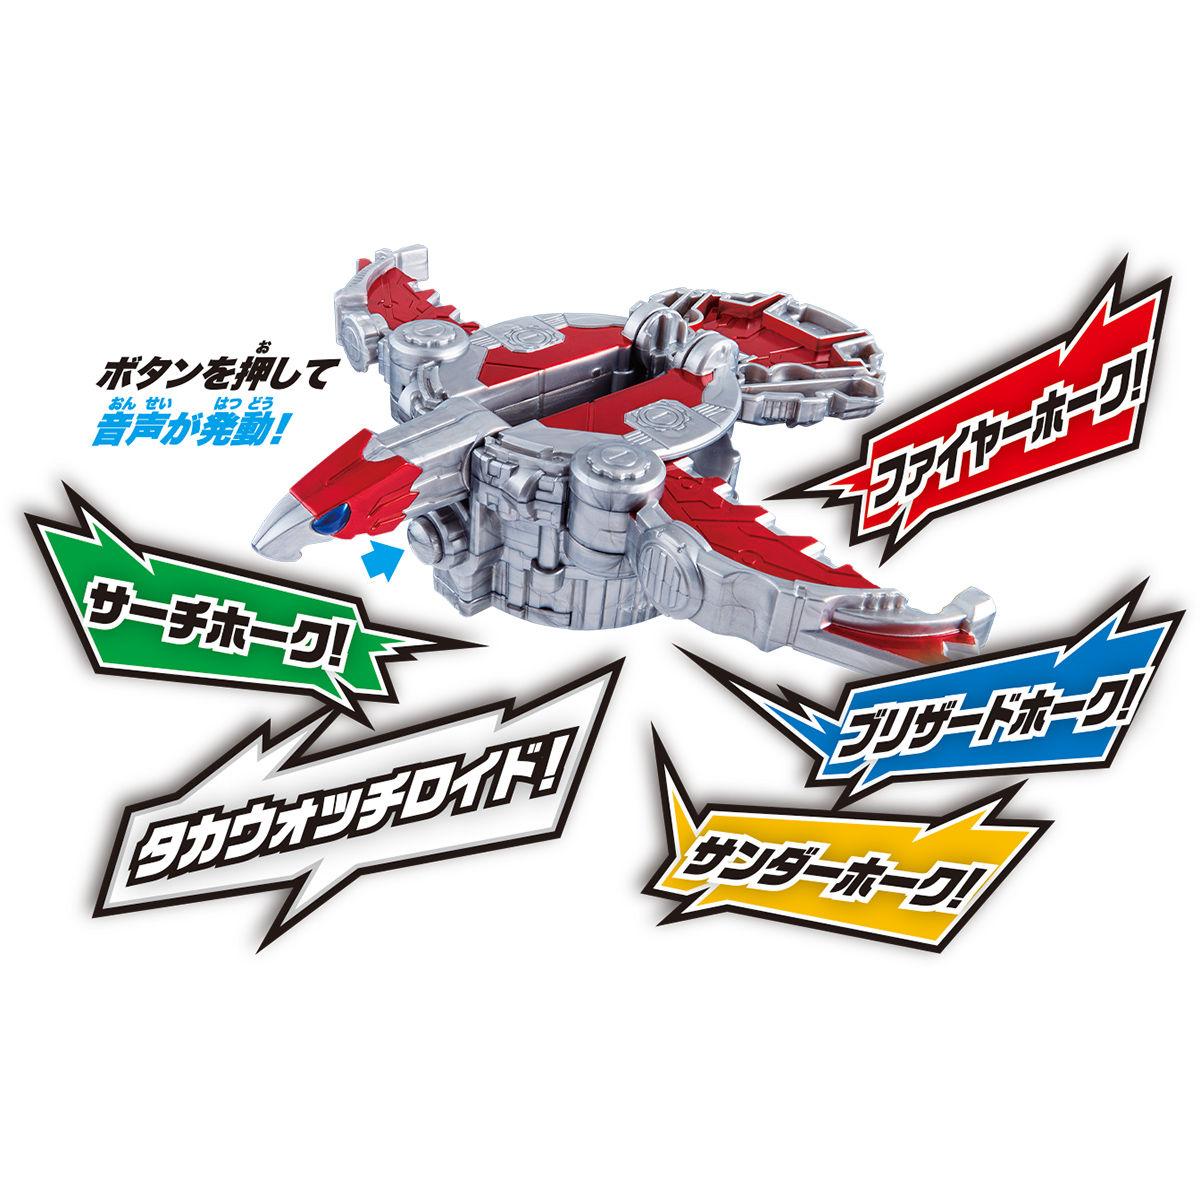 ライドガジェットシリーズ『DXタカウォッチロイド』仮面ライダージオウ 変身なりきり-004